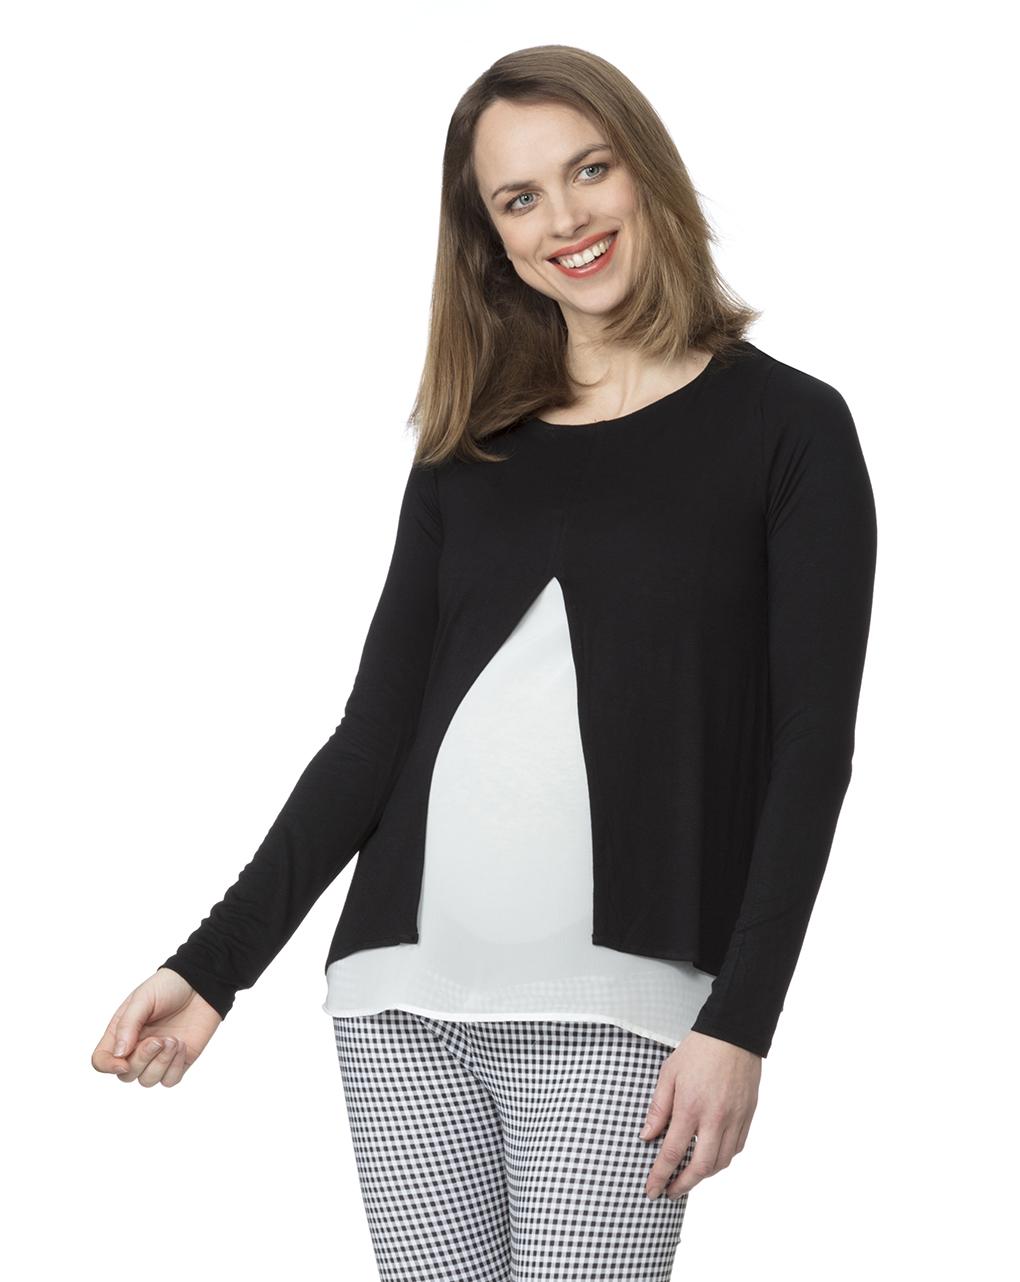 Γυναικεία Μπλούζα Θηλασμού Δίχρωμη